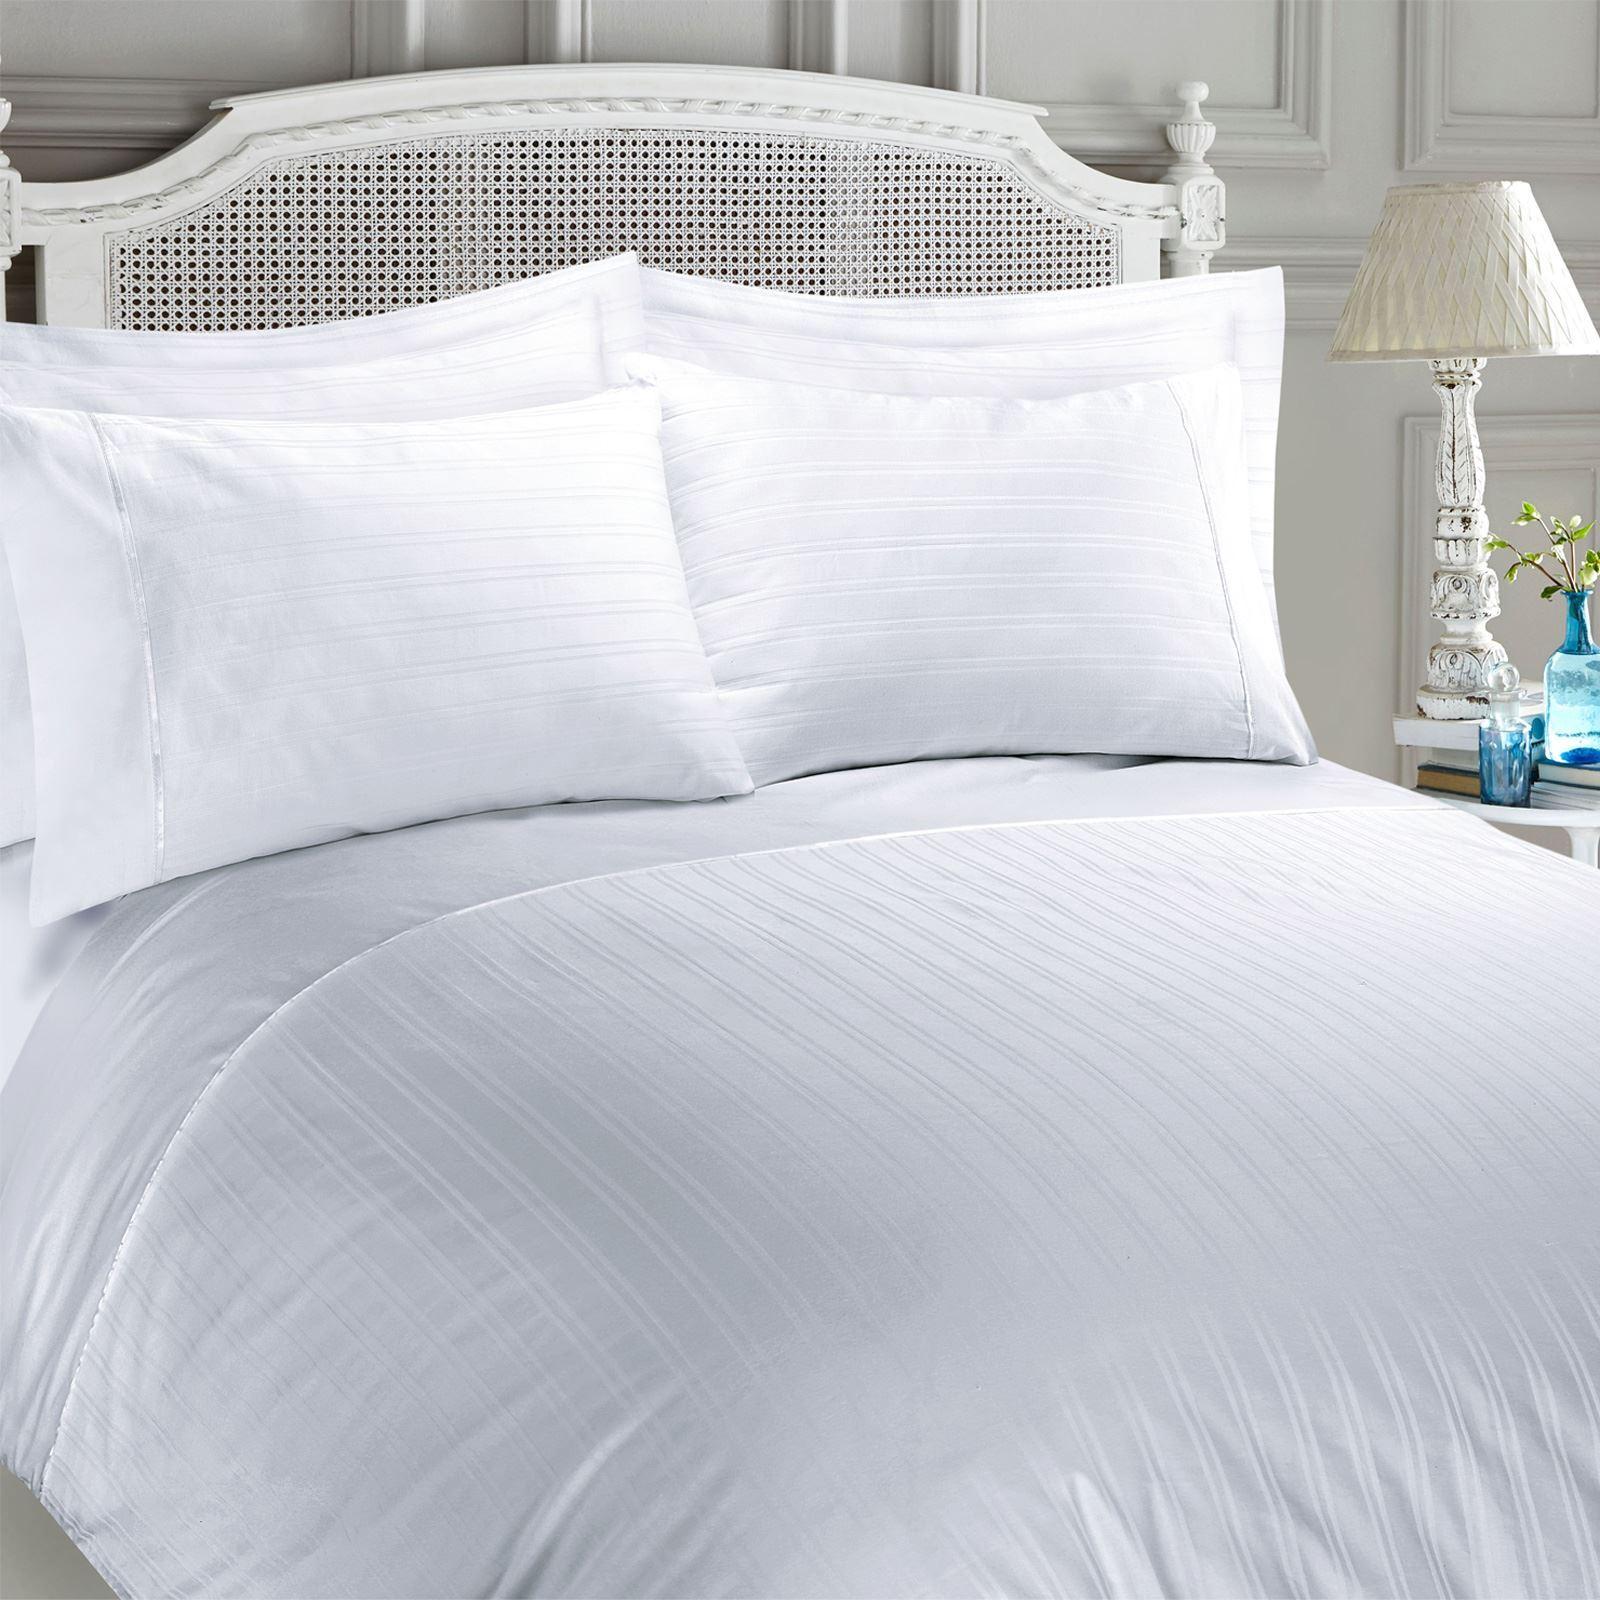 Gemma Hotel Quality Watercolour Paisley 100/%Cotton Sateen Quilt Duvet Cover Set